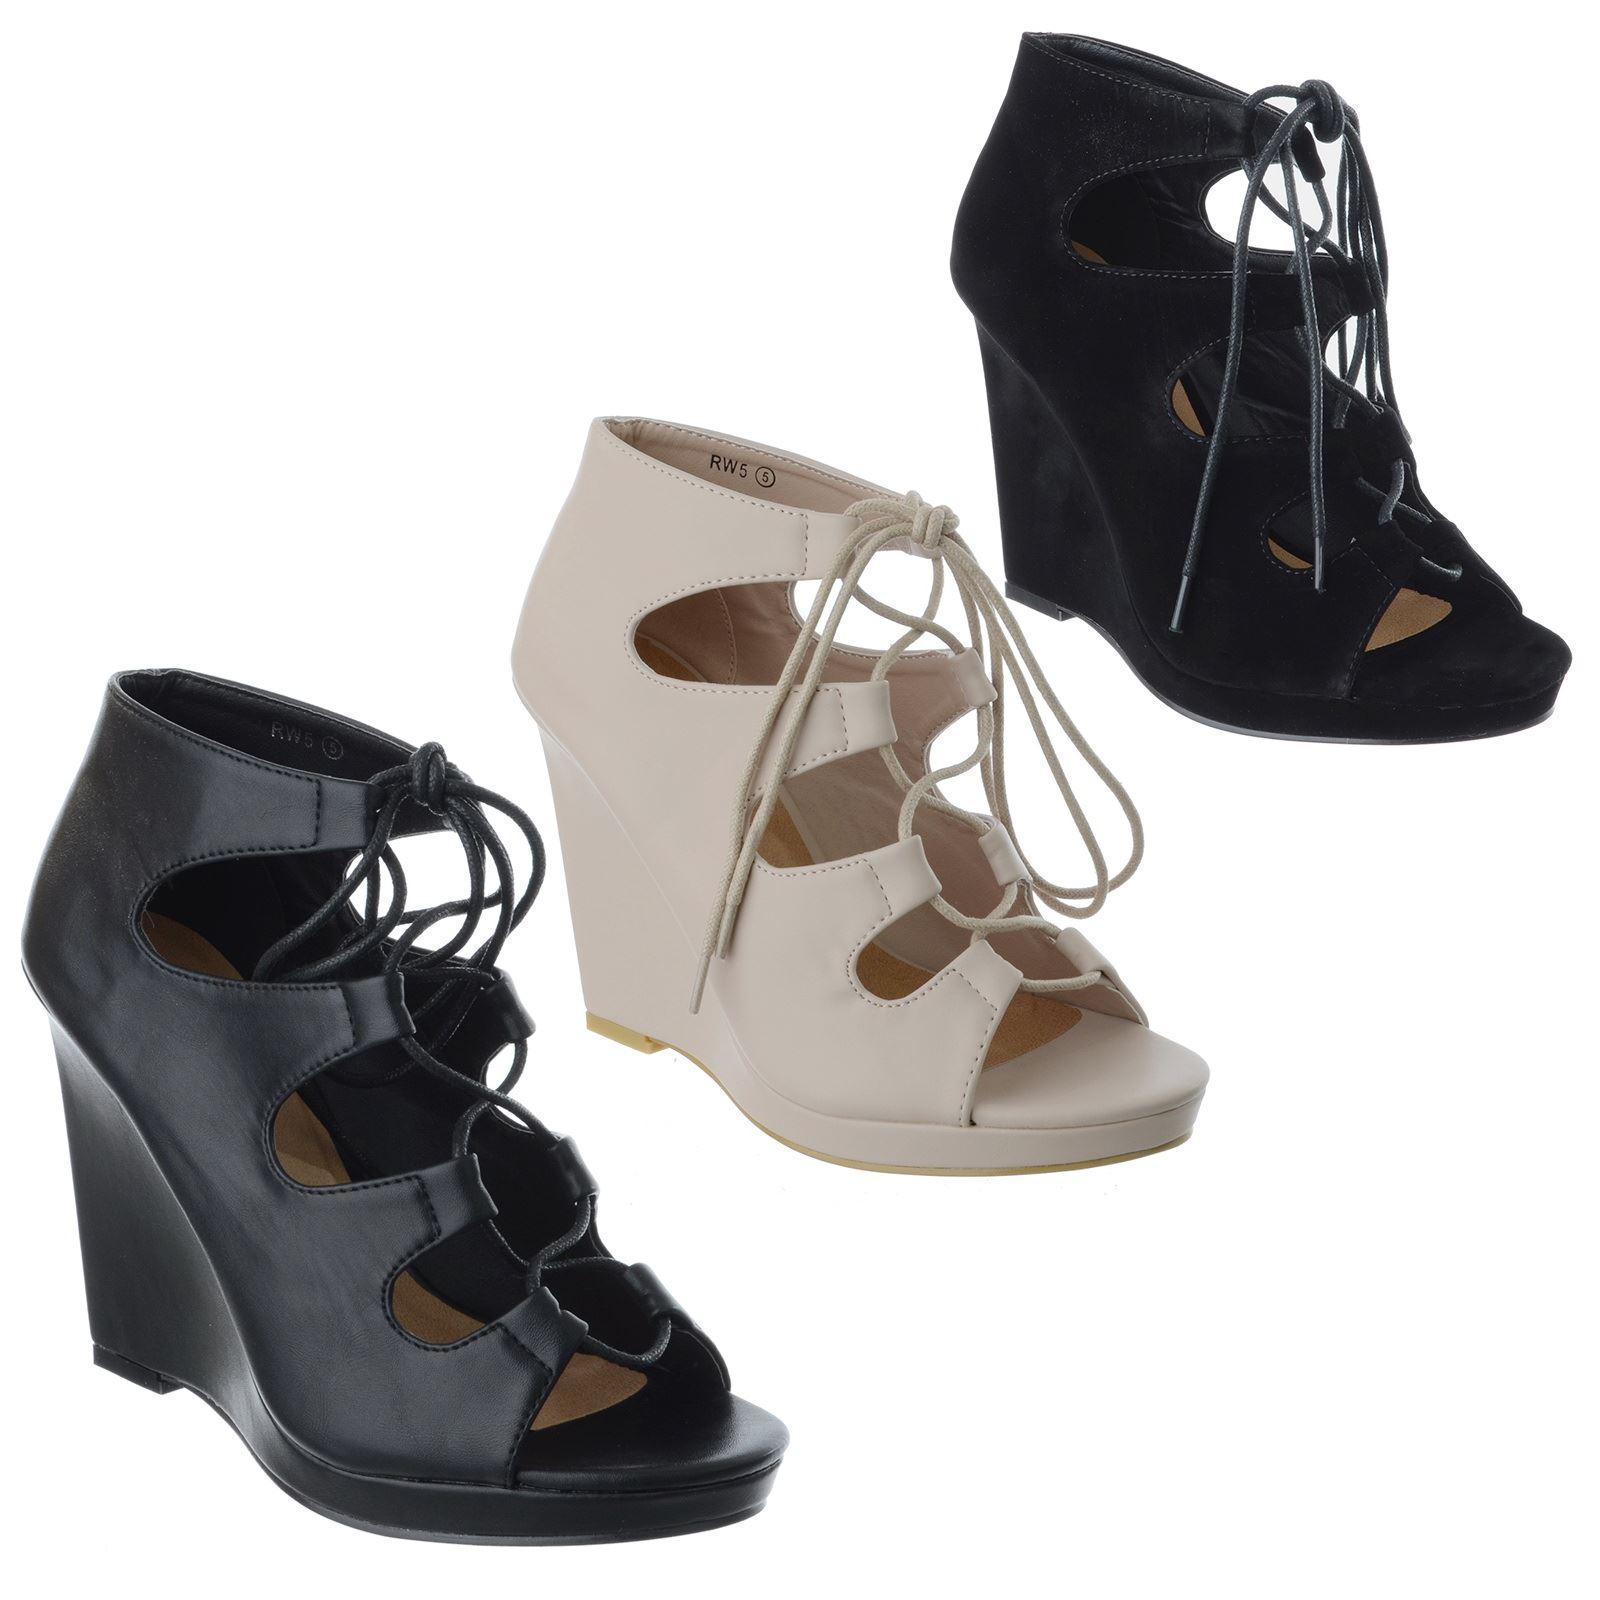 premium selection 81a20 19826 Details zu Damen Schnürschuhe Hoch Peeptoe Keilabsatz Gladiator Sandalen  Schuhe Größe